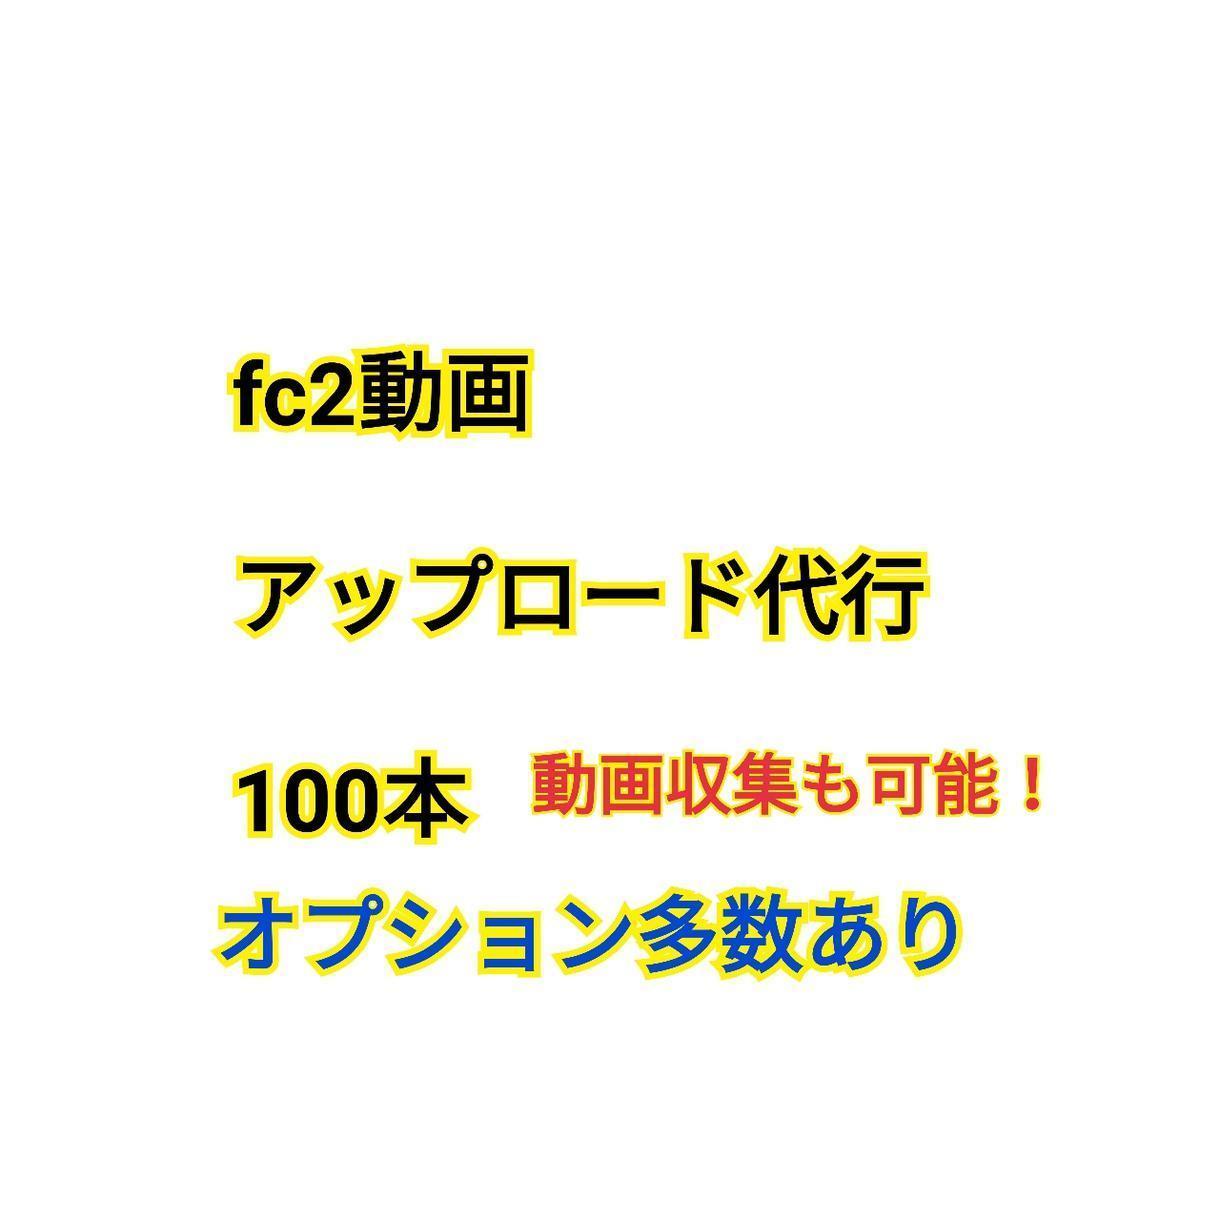 fc2動画のアップロード100本代行します fc2動画アフィリエイトされてる方限定。動画収集も出来ます。